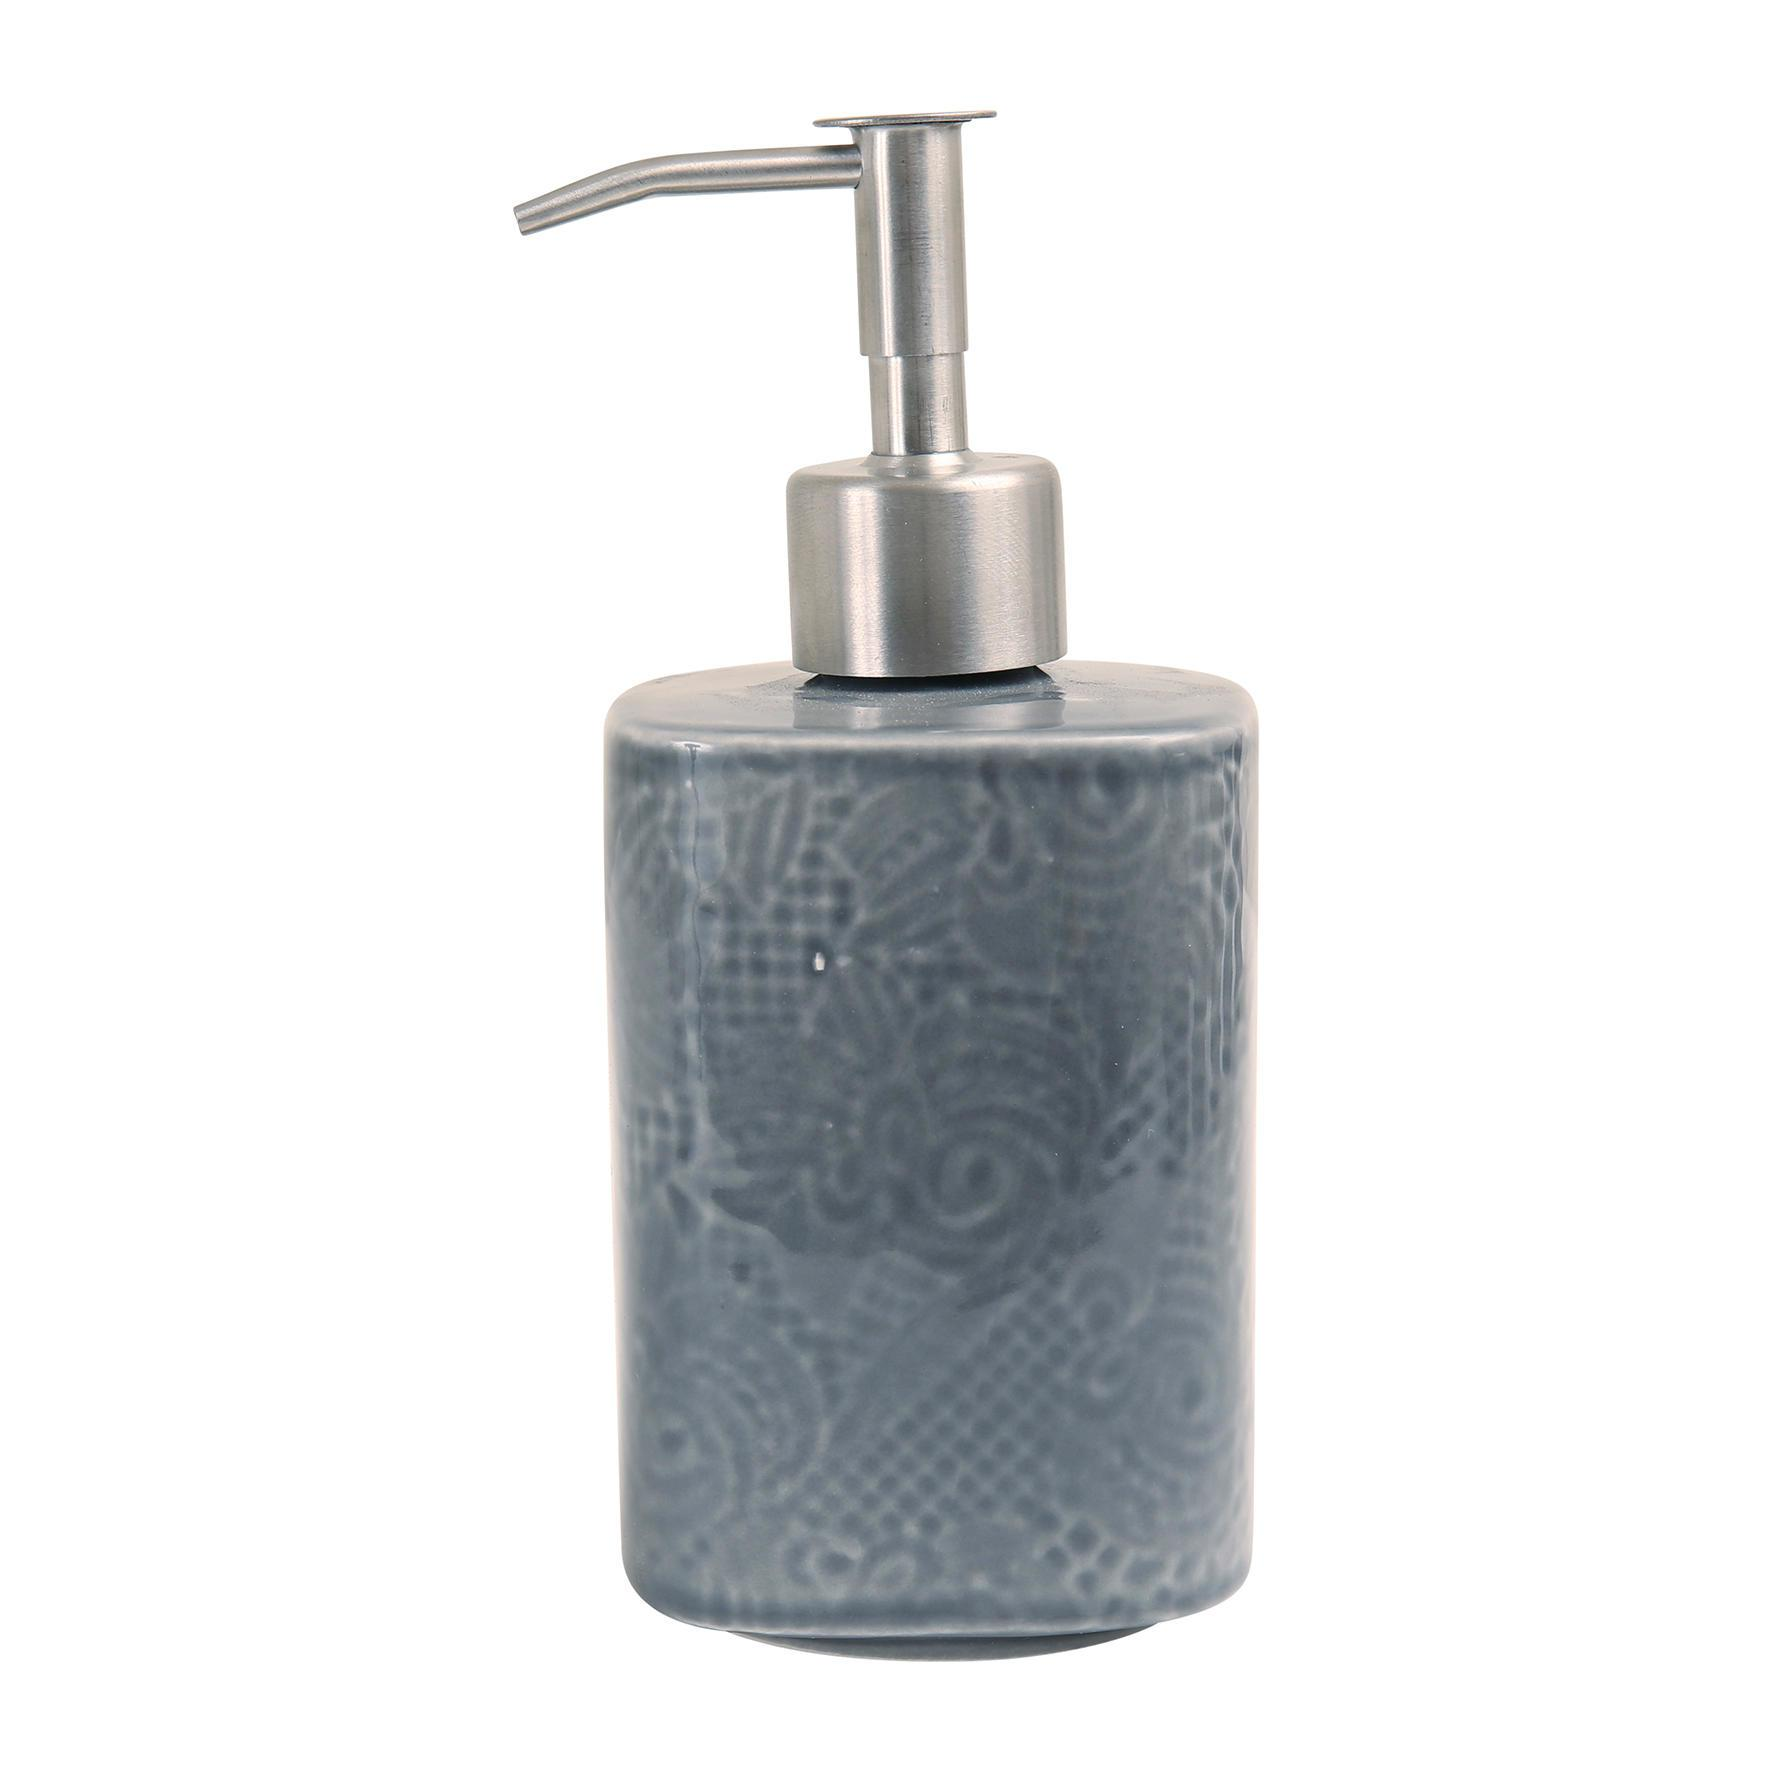 CÔTÉ TABLE Keramický dávkovač na mýdlo Anthracite Lace, šedá barva, keramika